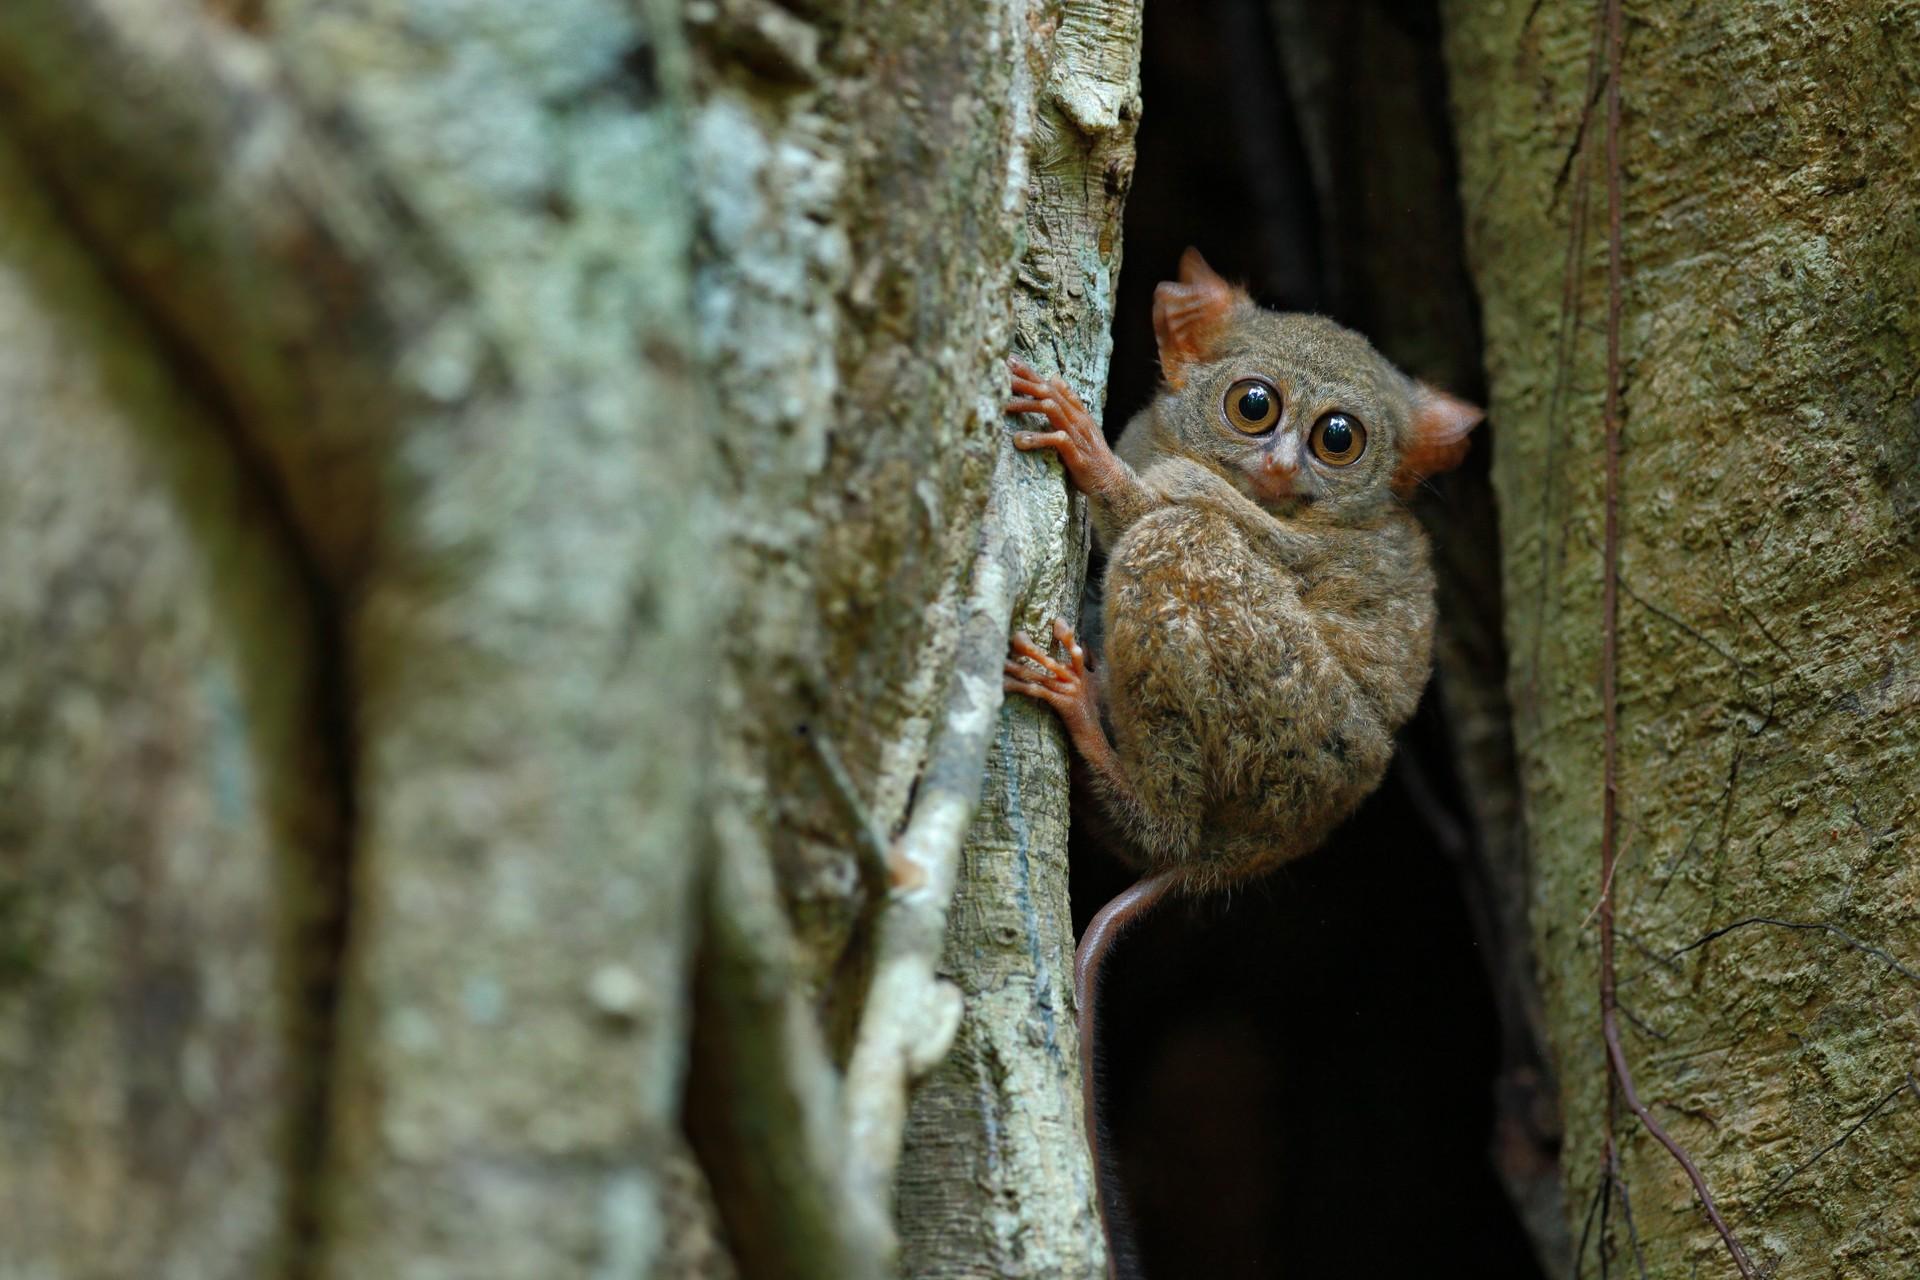 Marsupial in Indonesia